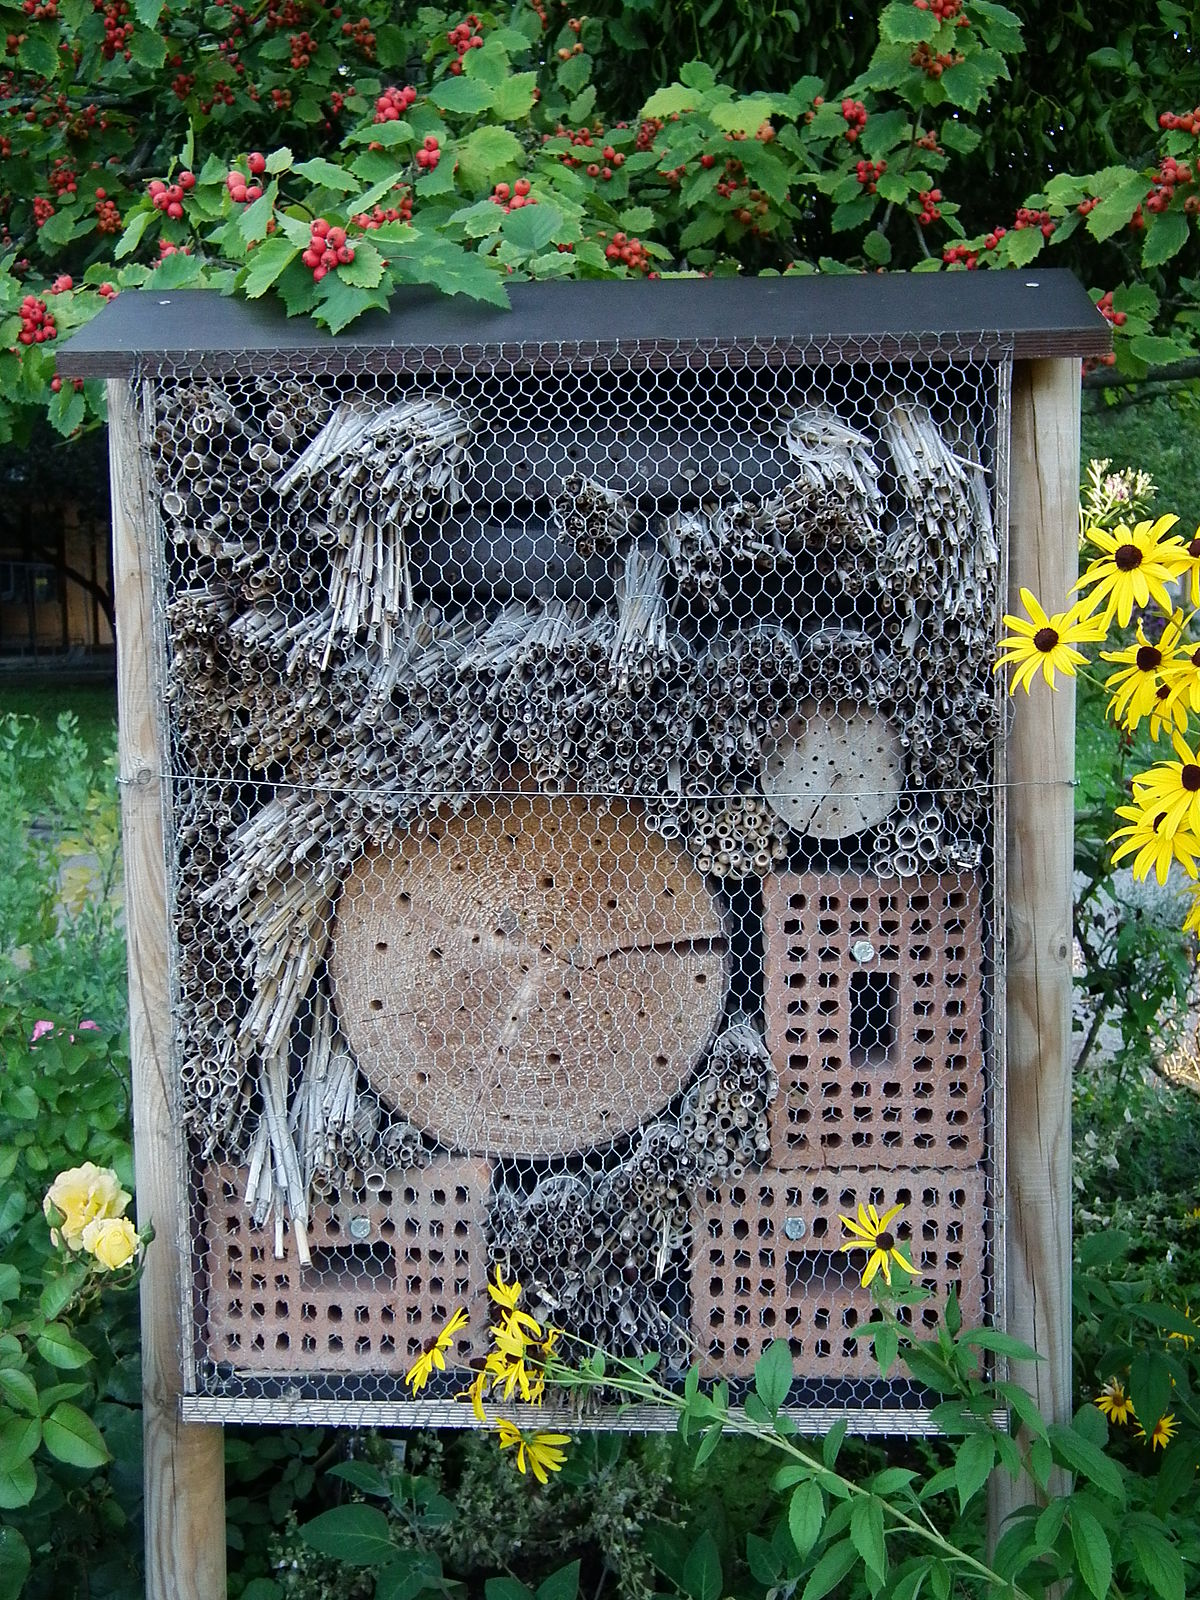 Hyönteishotellin Valmistus